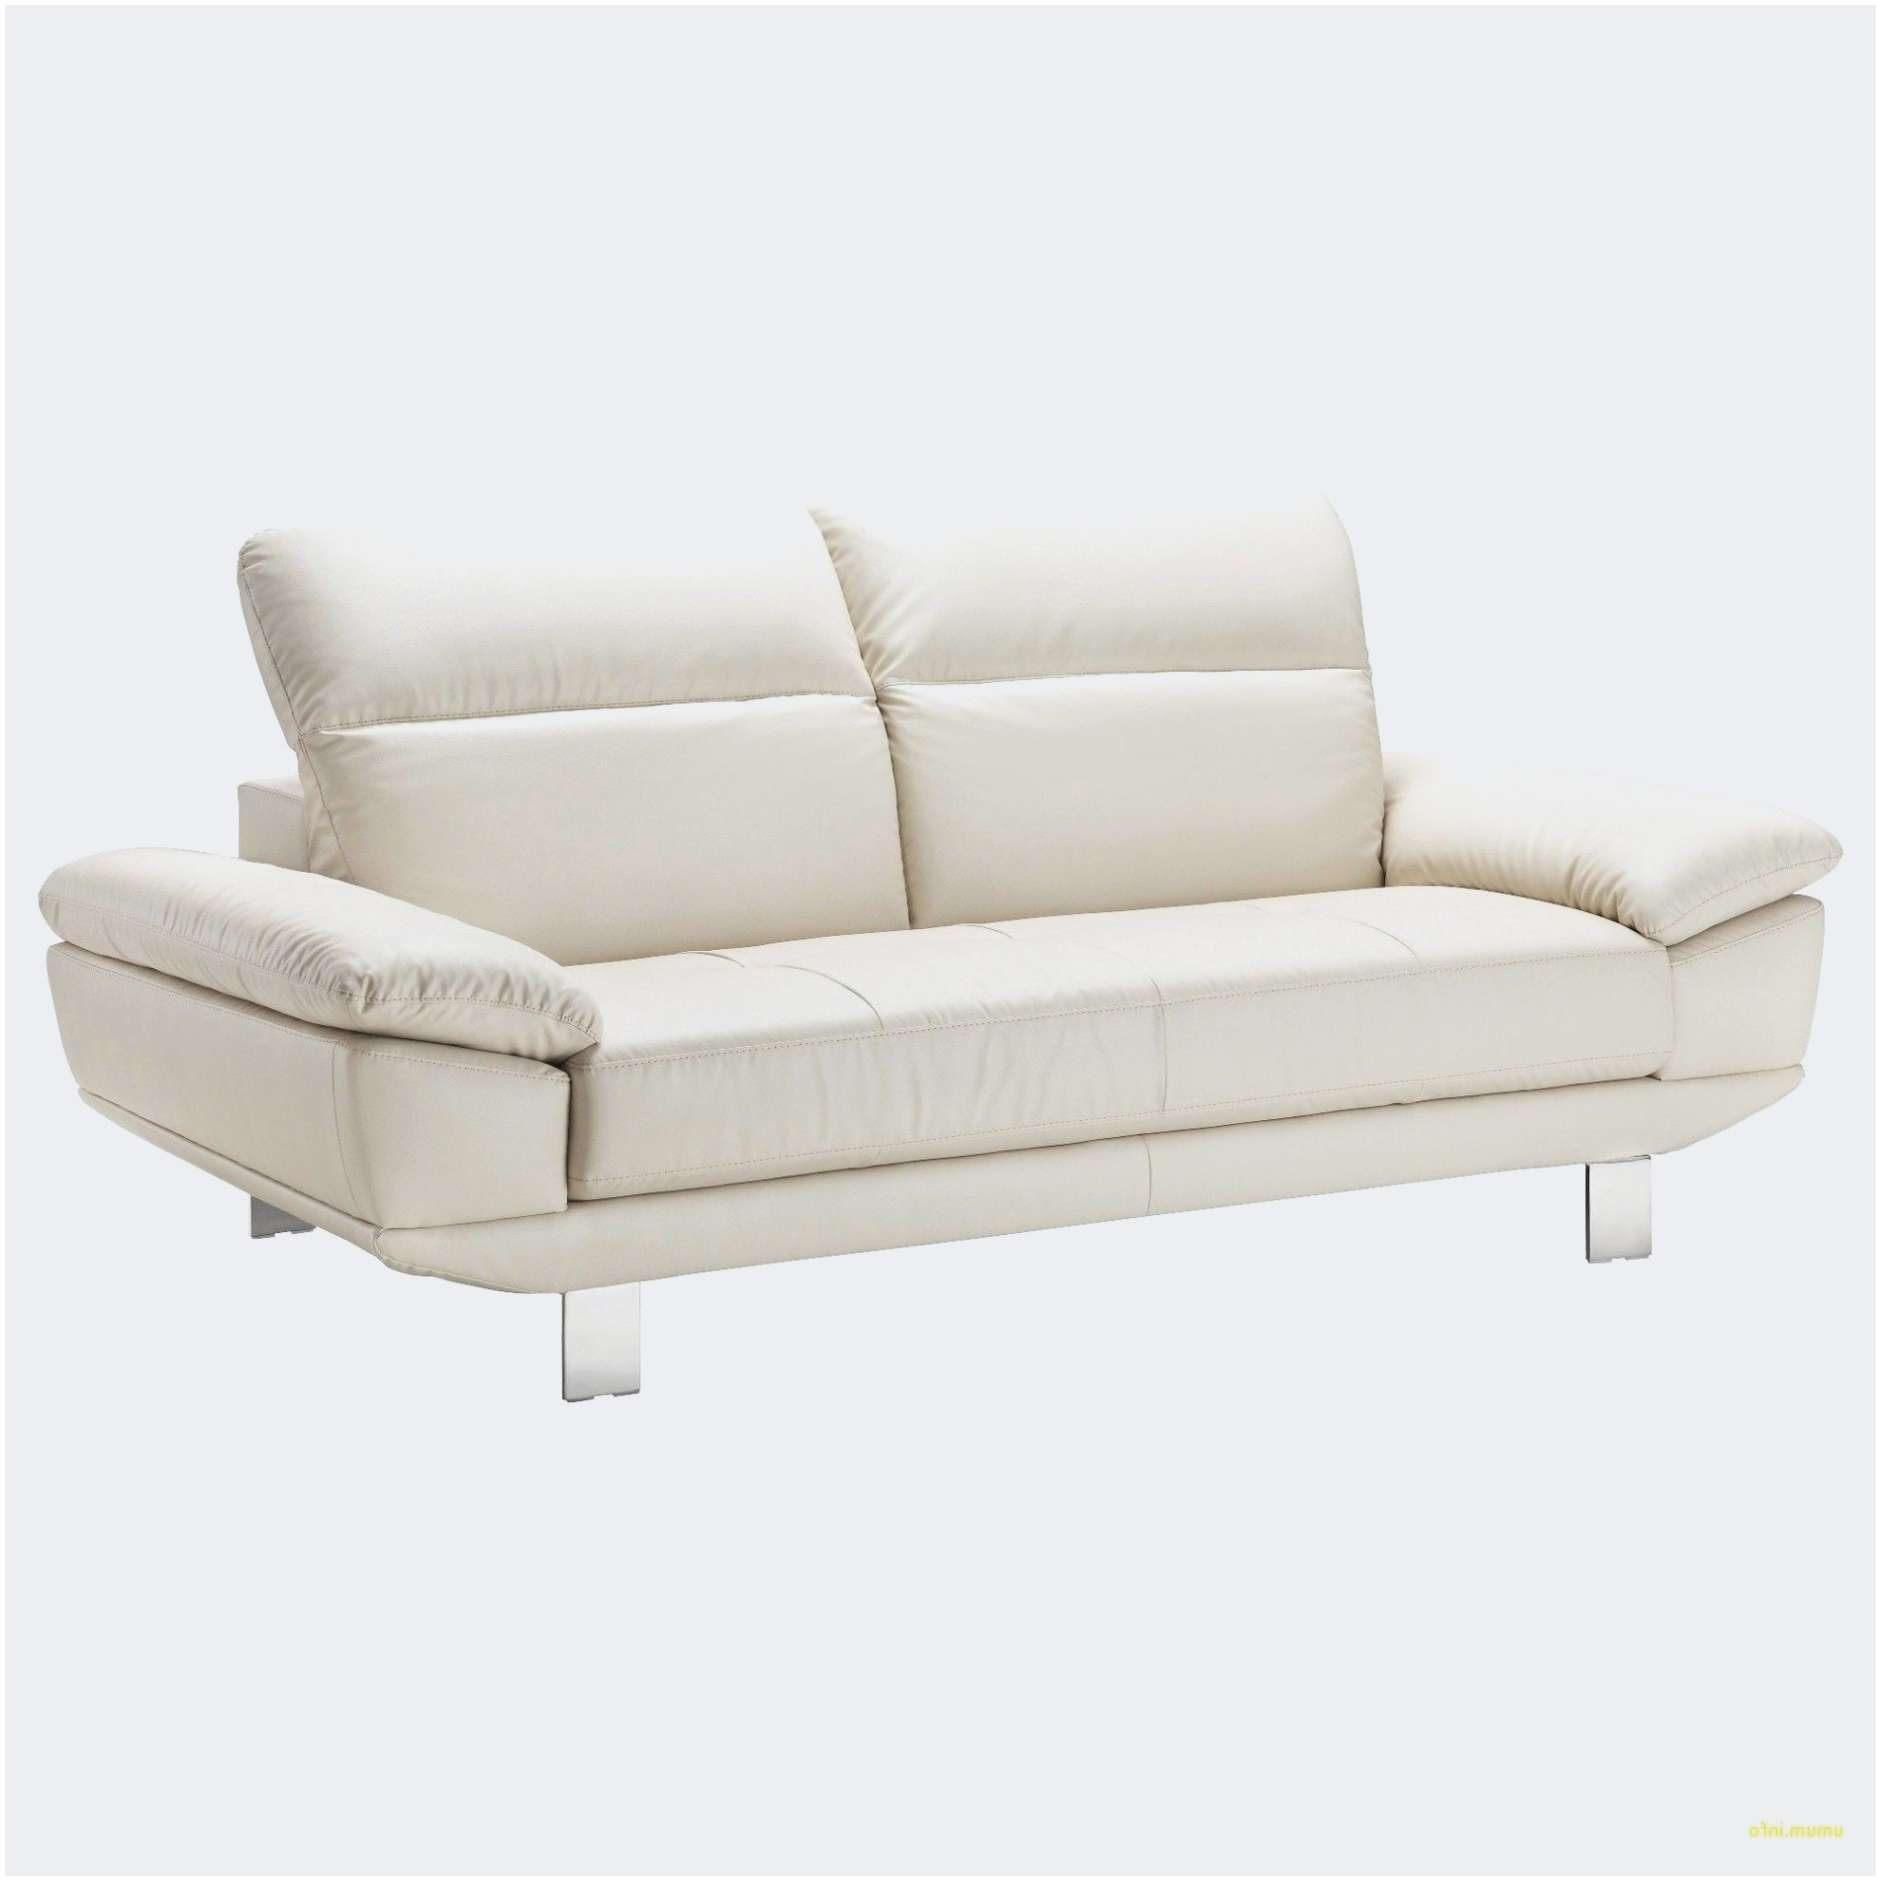 Canapé Lit Convertible Ikea Meilleur De Elégant sove Housse Coussin De Canapé — sovedis Aquatabs Pour